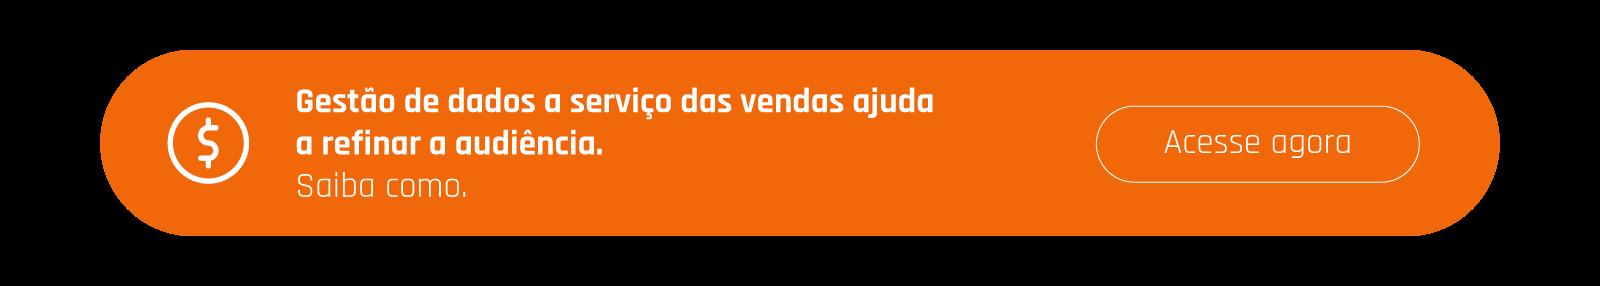 Imagem02 CTA Gestao De Dados A Servico Das Vendas